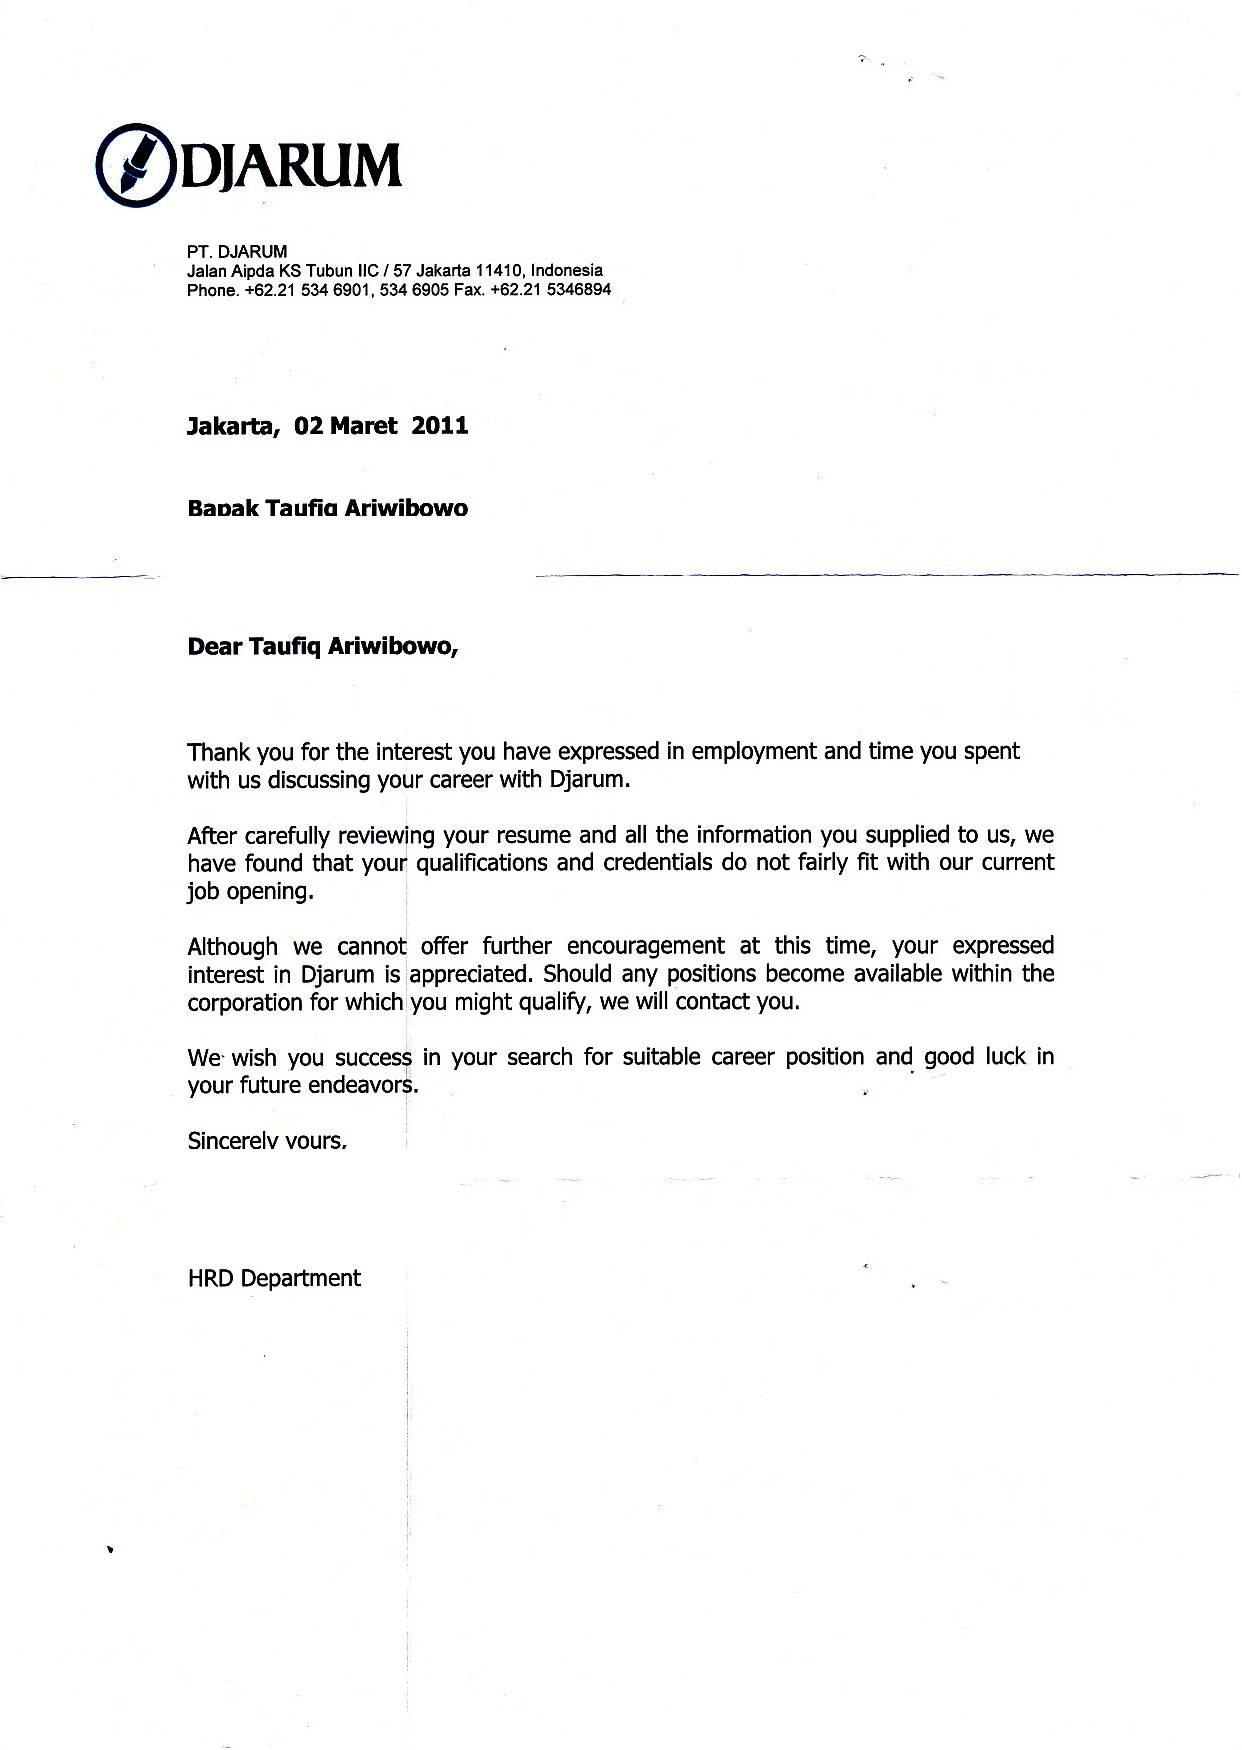 Contoh Surat Lamaran Kerja Bahasa Inggris Berikut Artinya